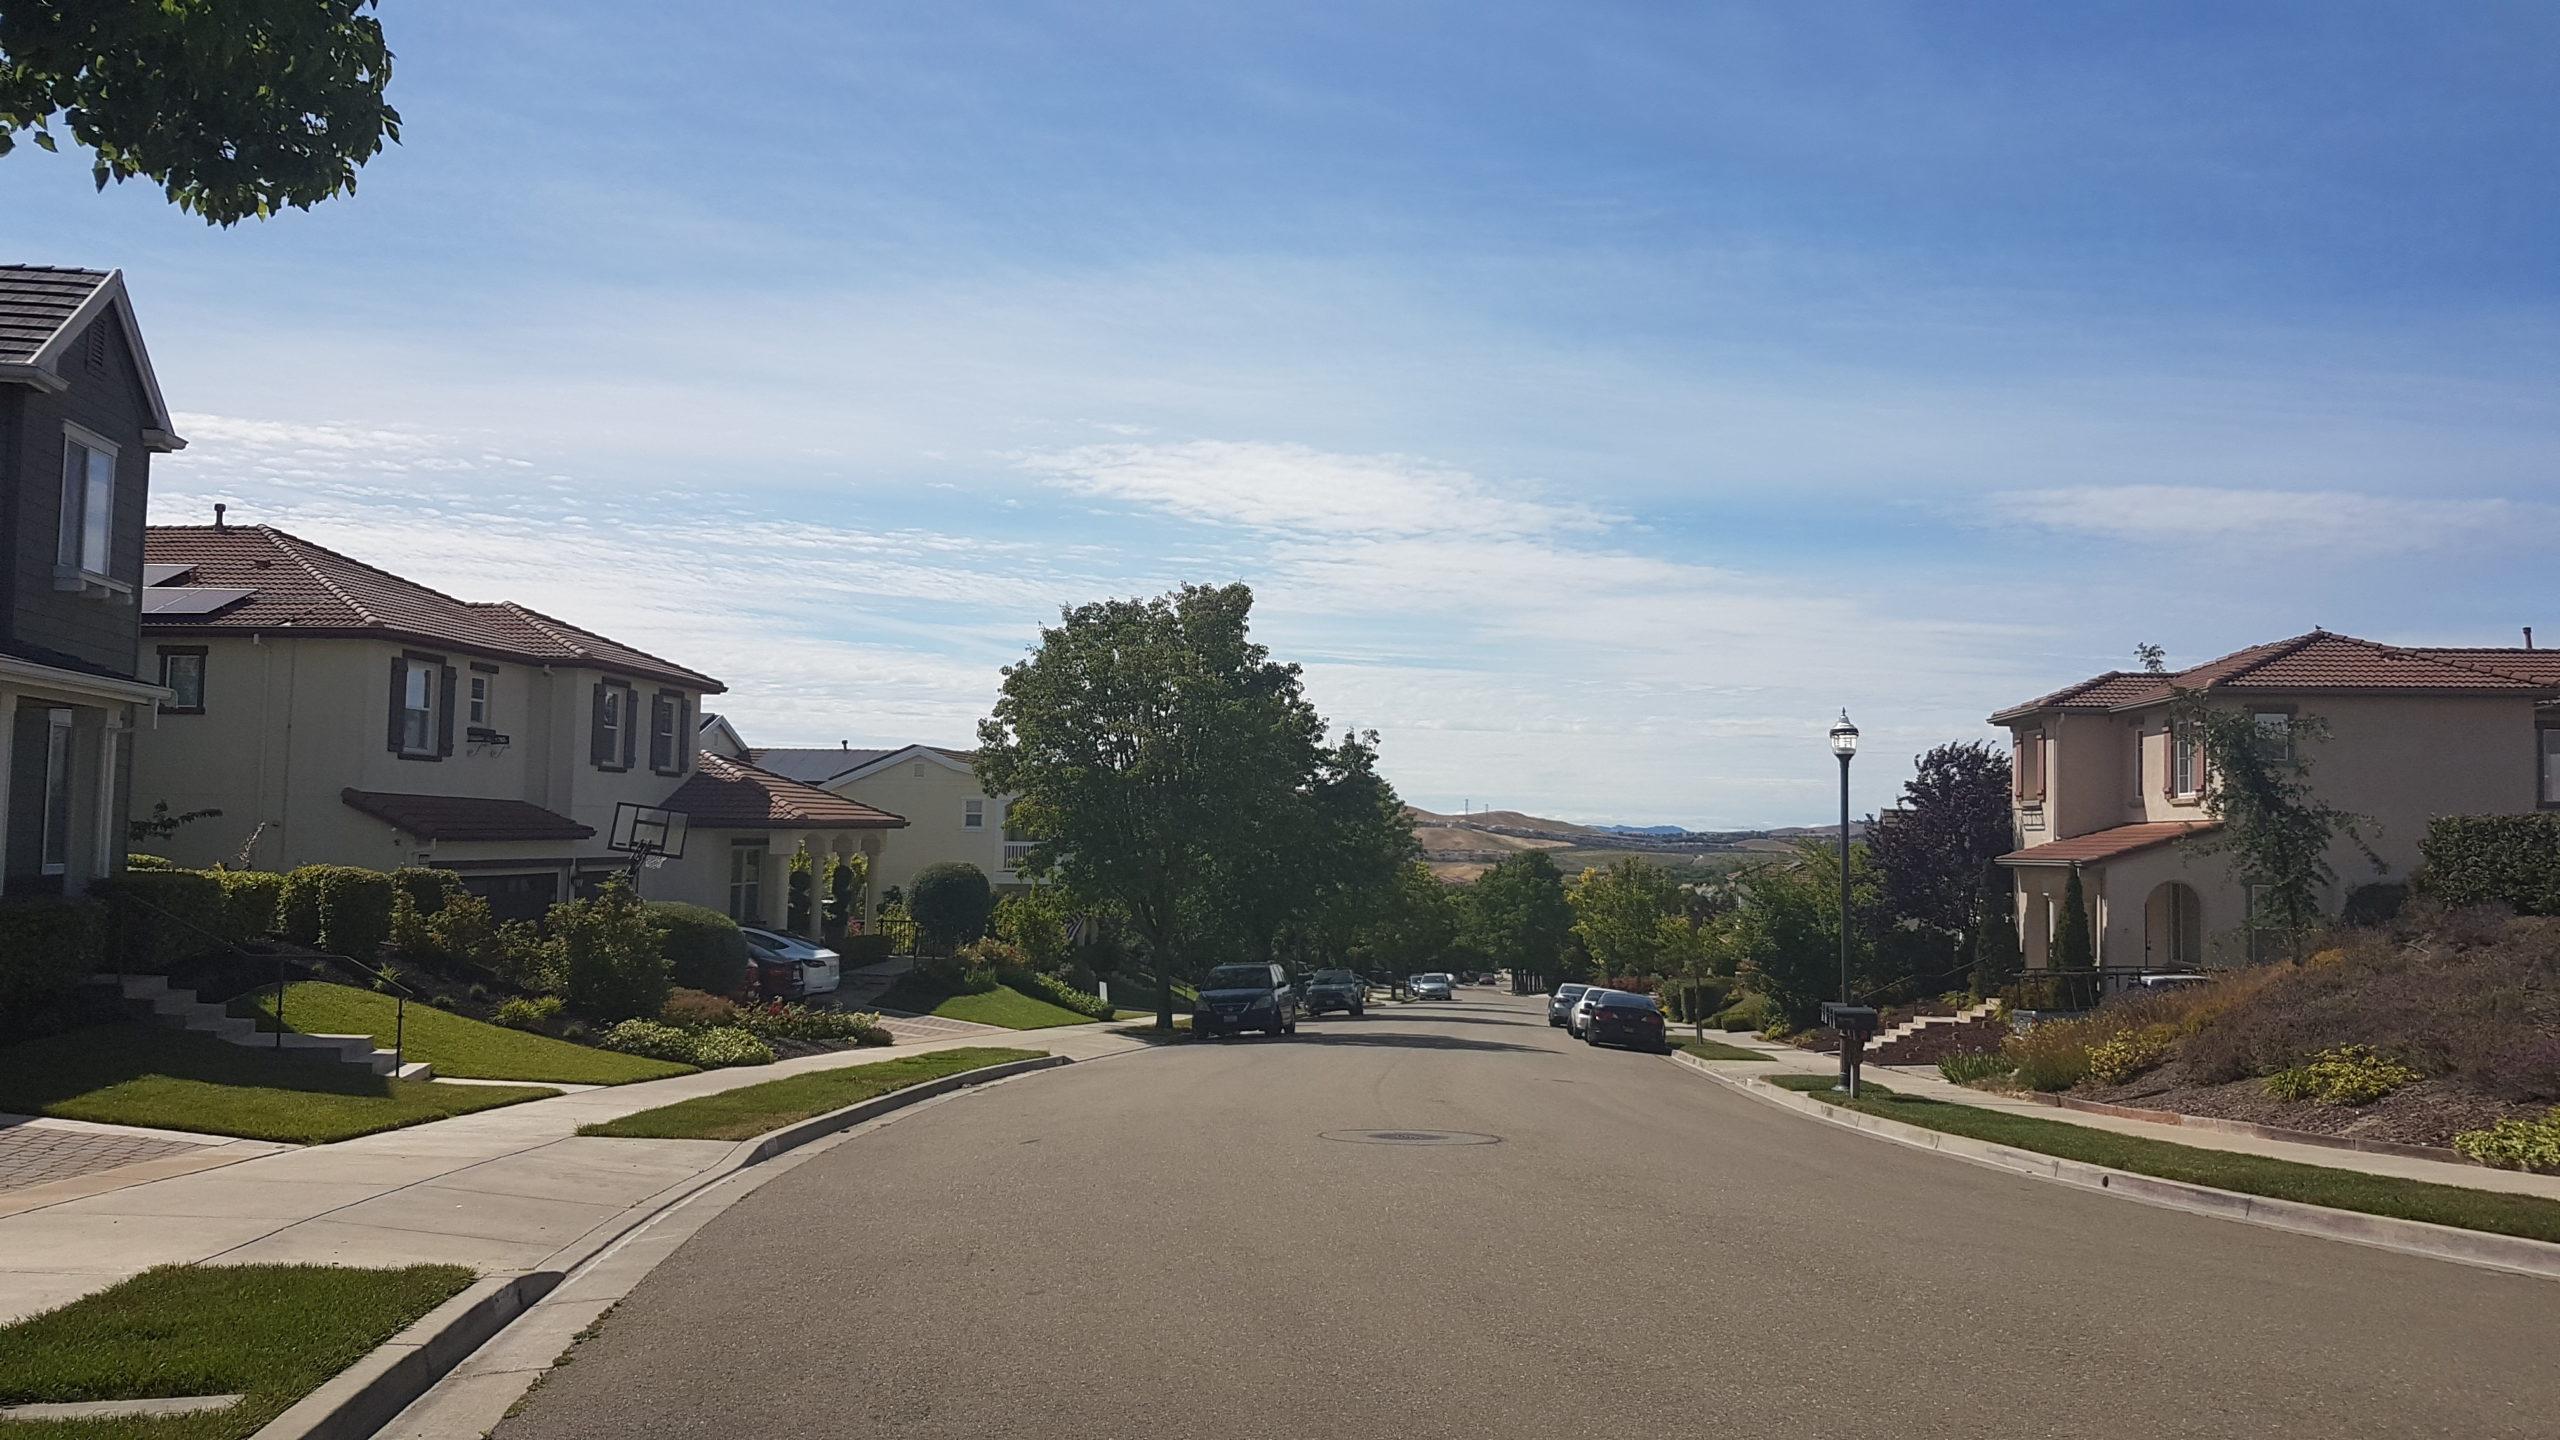 rue à san ramon Là c'était à San Ramon, à l'occasion de LA sortie à vélo (celle où j'ai délogé le campement d'araignées).)